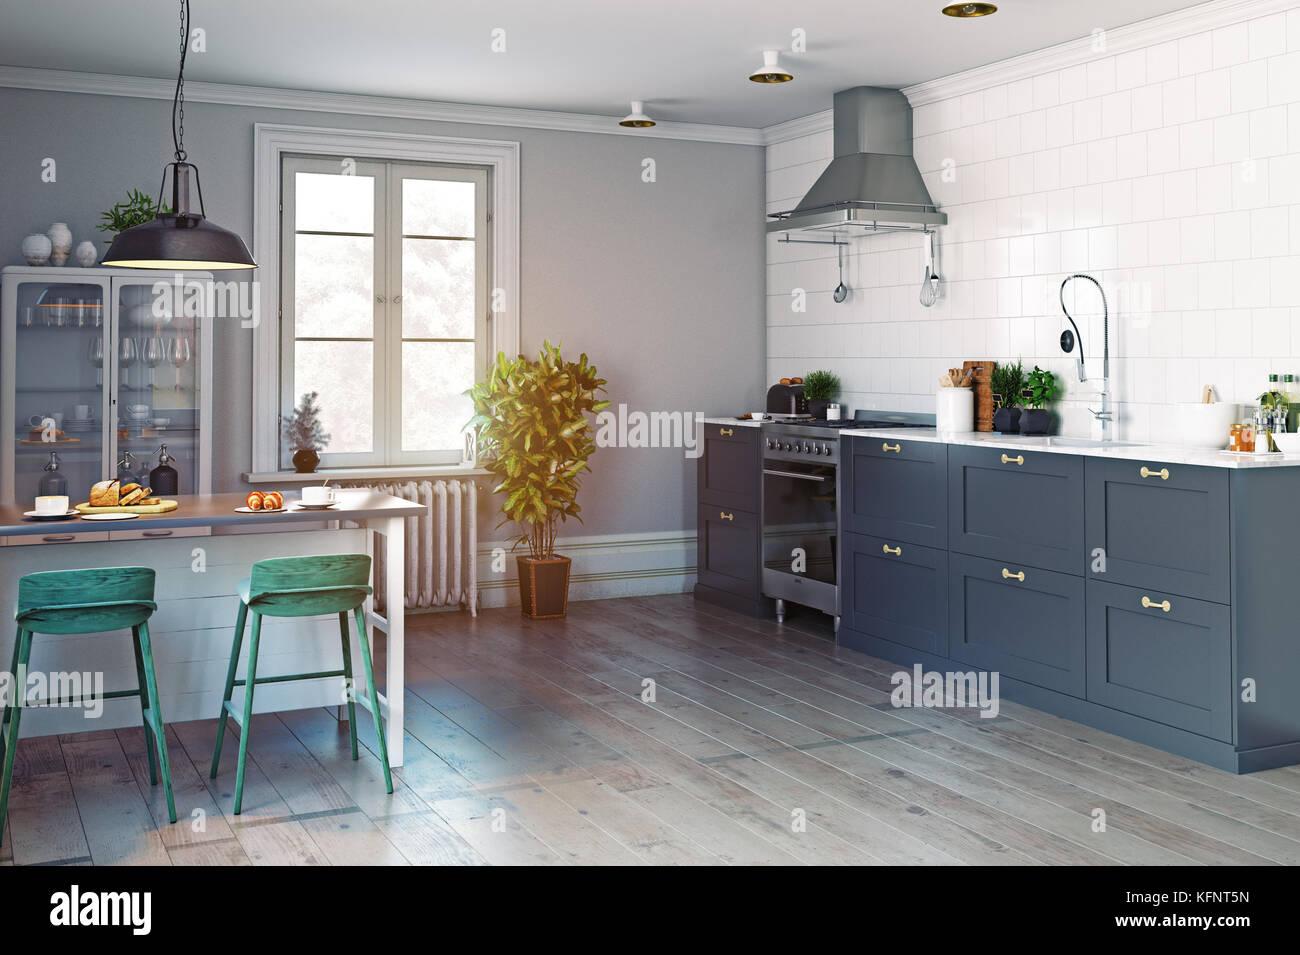 Cucina moderna con interni. uno stile scandinavo. 3D rendering concept Immagini Stock